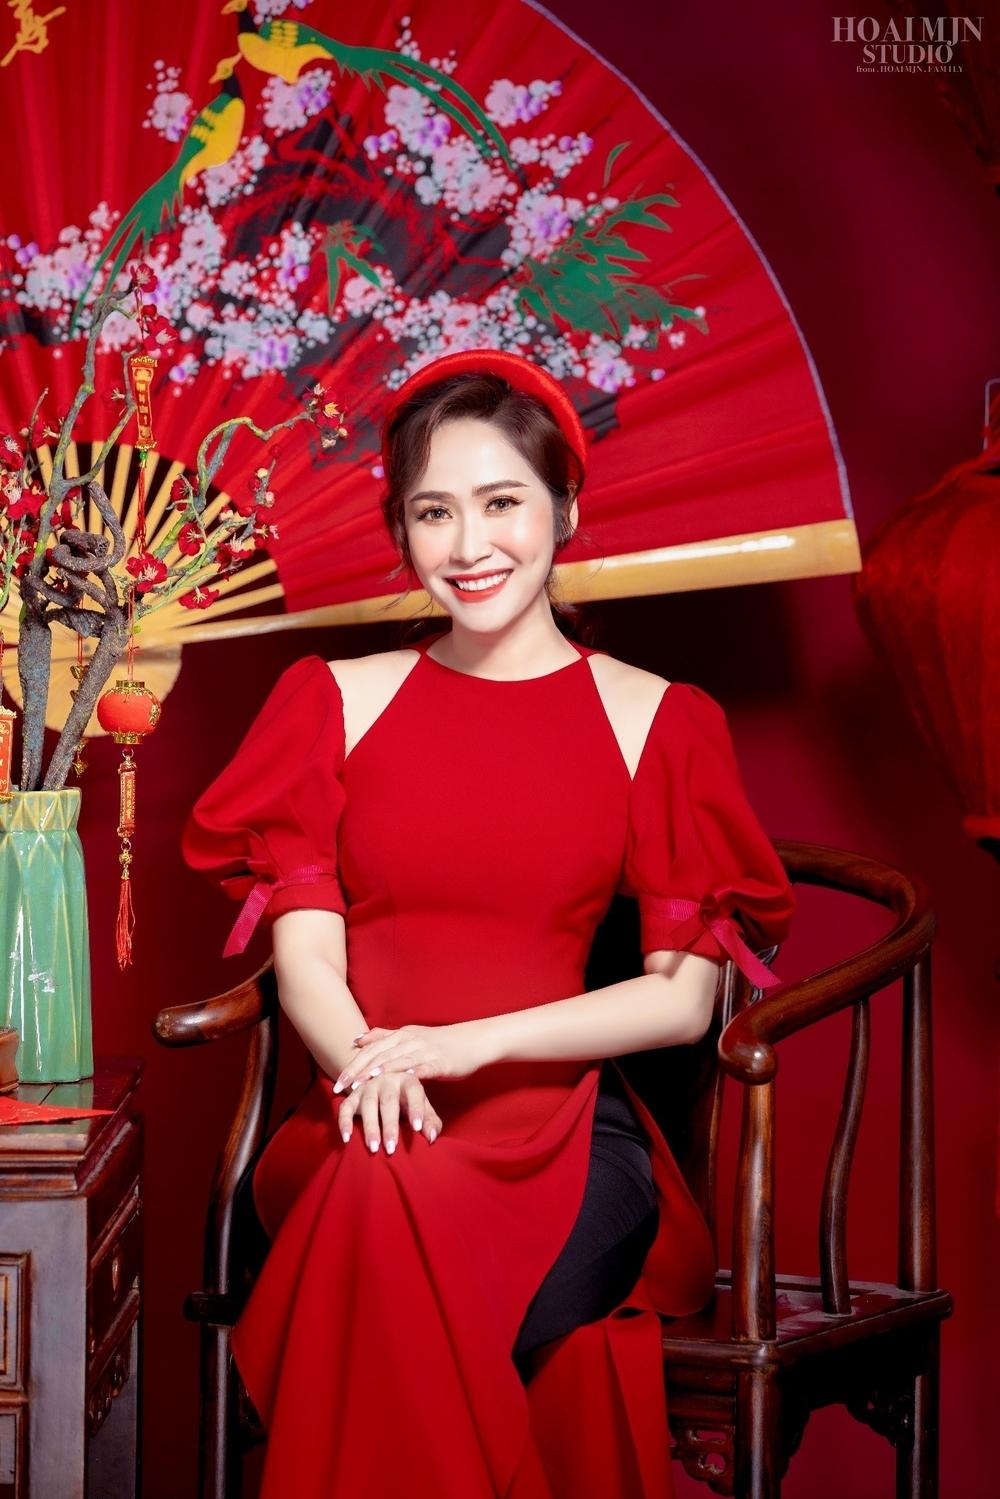 """CEO Thảo Nguyễn – """"Ngày Tết, mặc chiếc áo dài để tôn giá trị cội nguồn"""""""